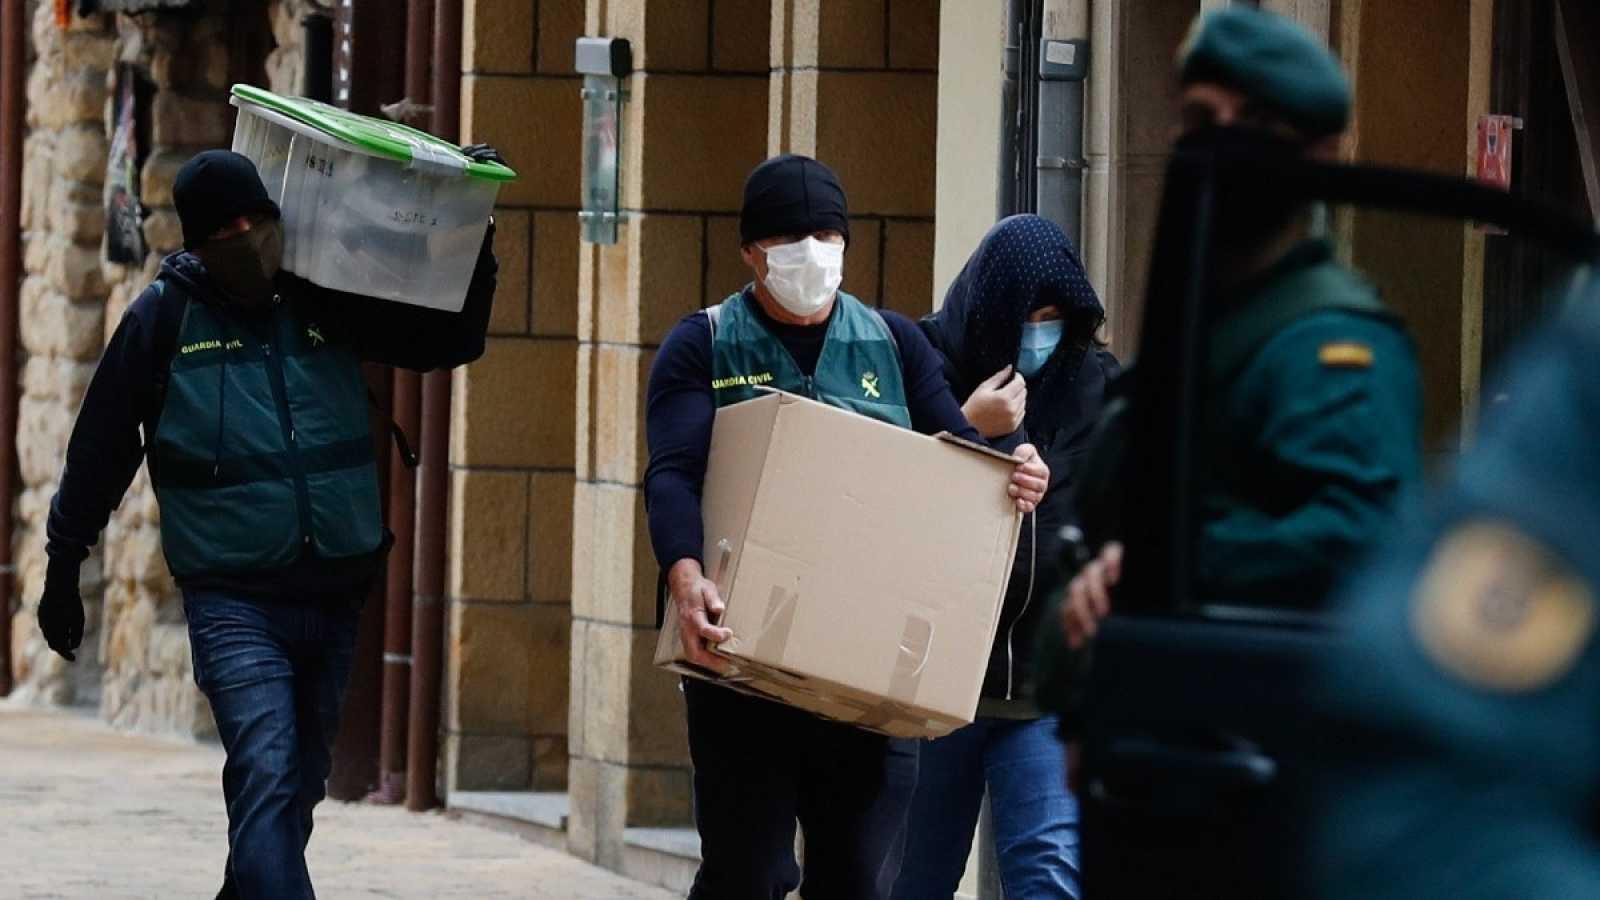 Agentes de la Guardia Civil trasladan material incautado durante la operación llevada a cabo este lunes en Zarautz (Guipuzkoa)